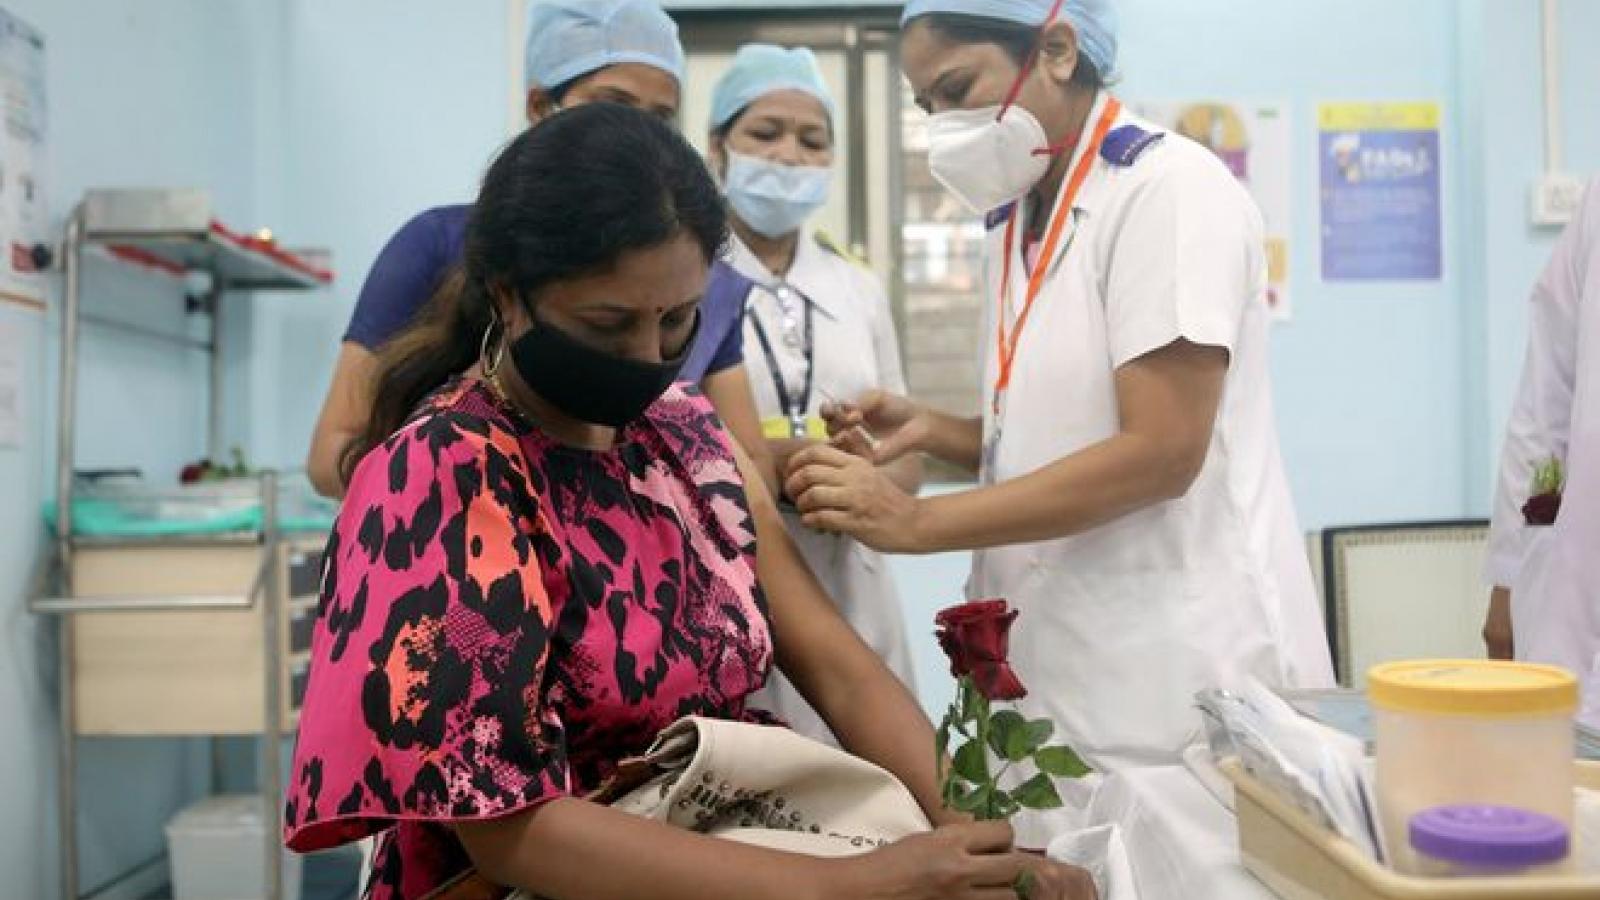 Ấn Độ yêu cầu kéo dài thời gian giữa hai mũi tiêm vaccine Covid-19